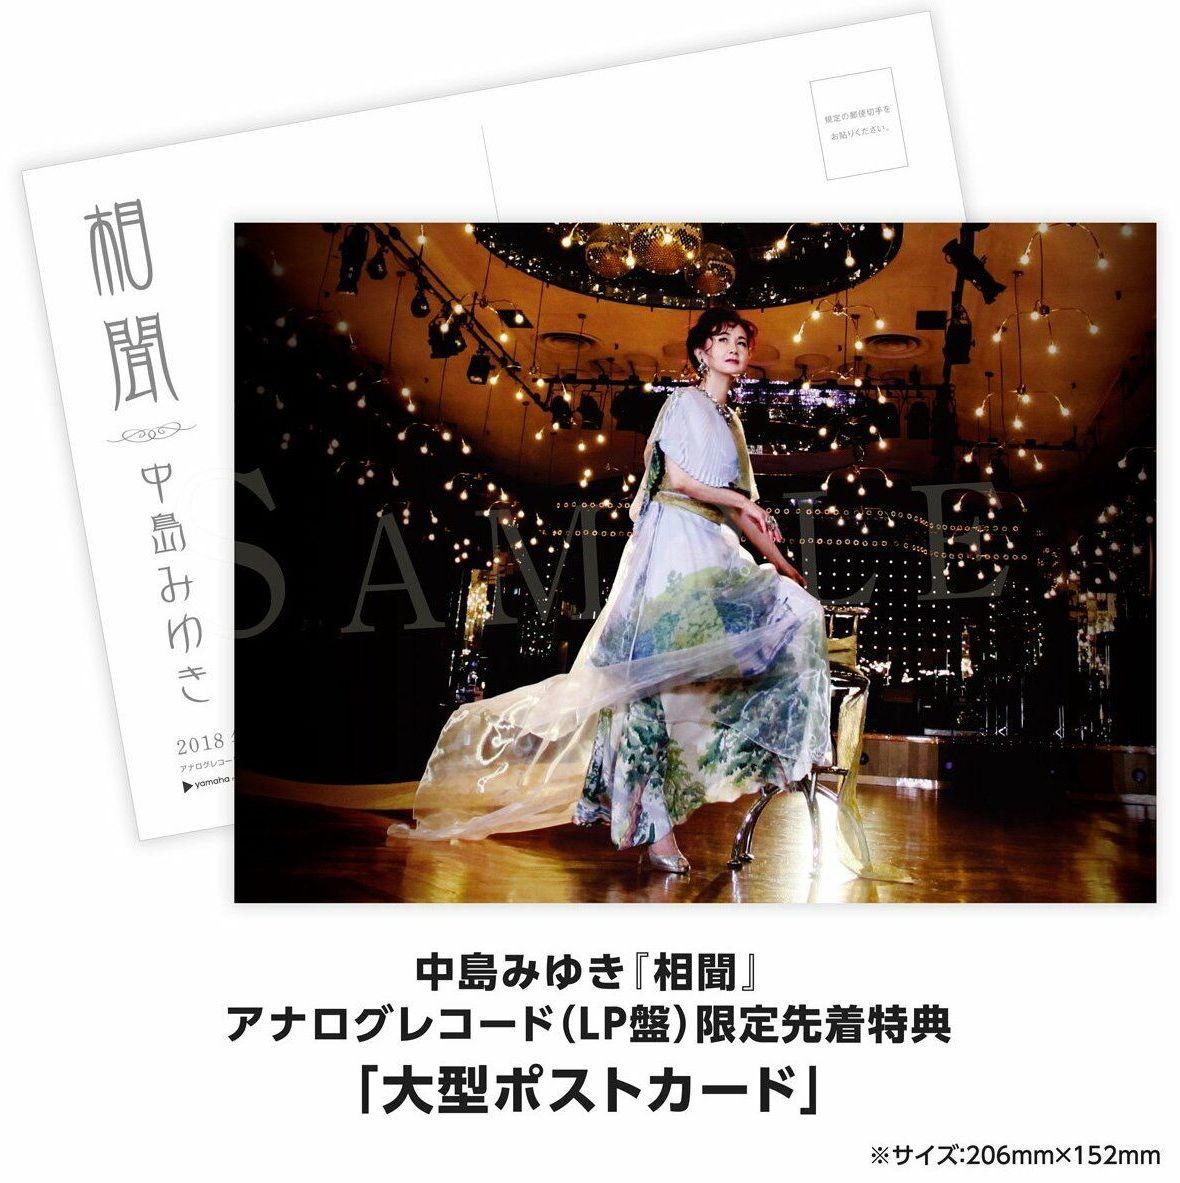 美雪第42张新专辑『相聞』定于2017年11月22日发售